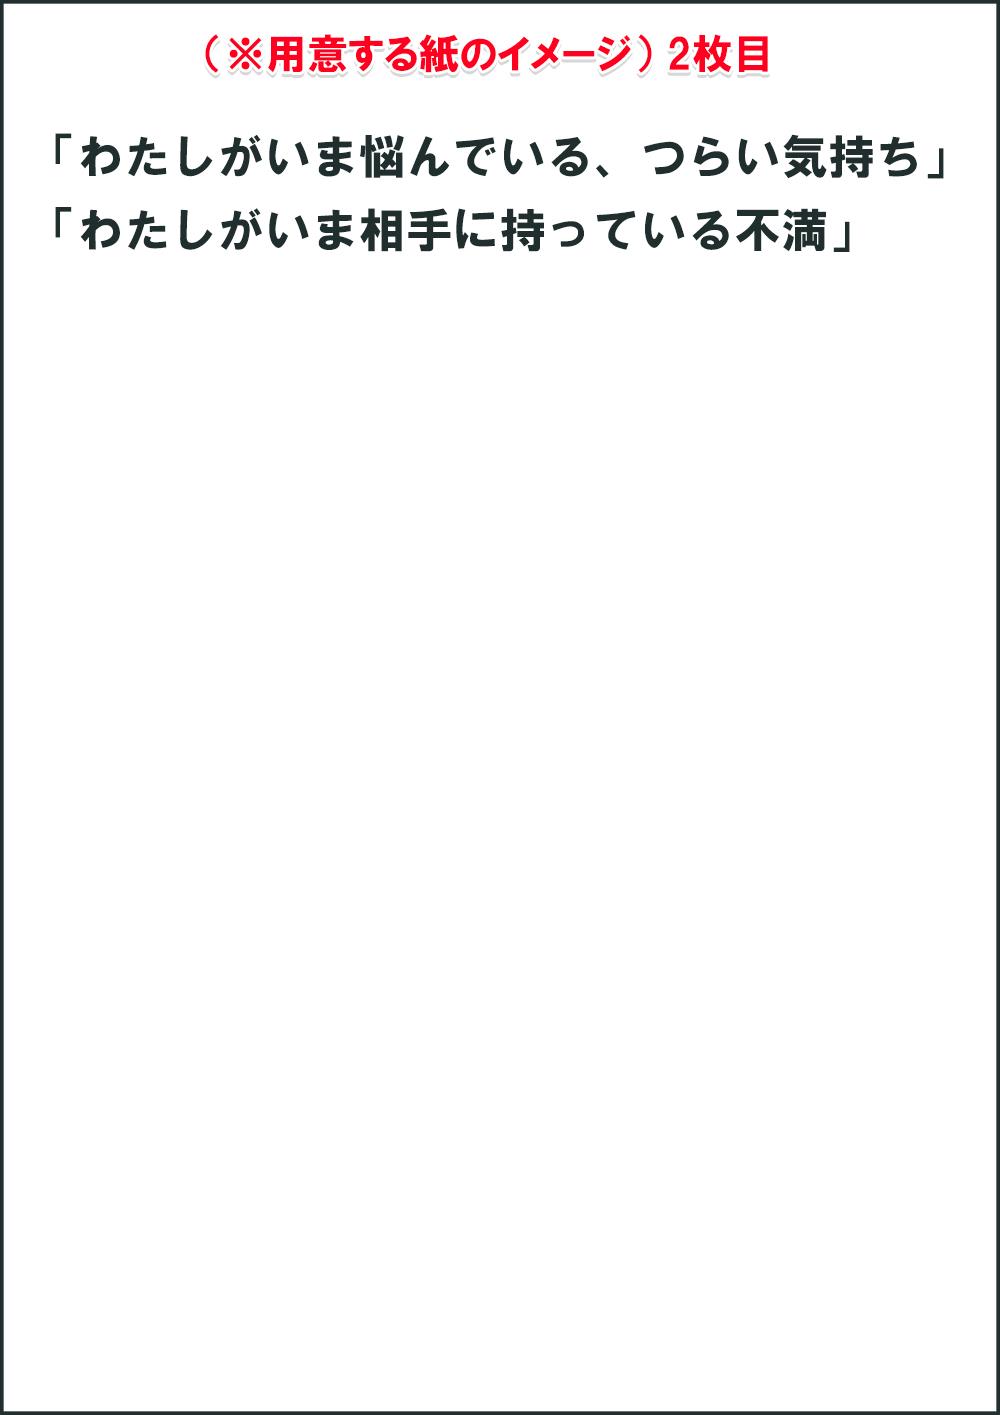 用意する紙のイメージ (2枚目)